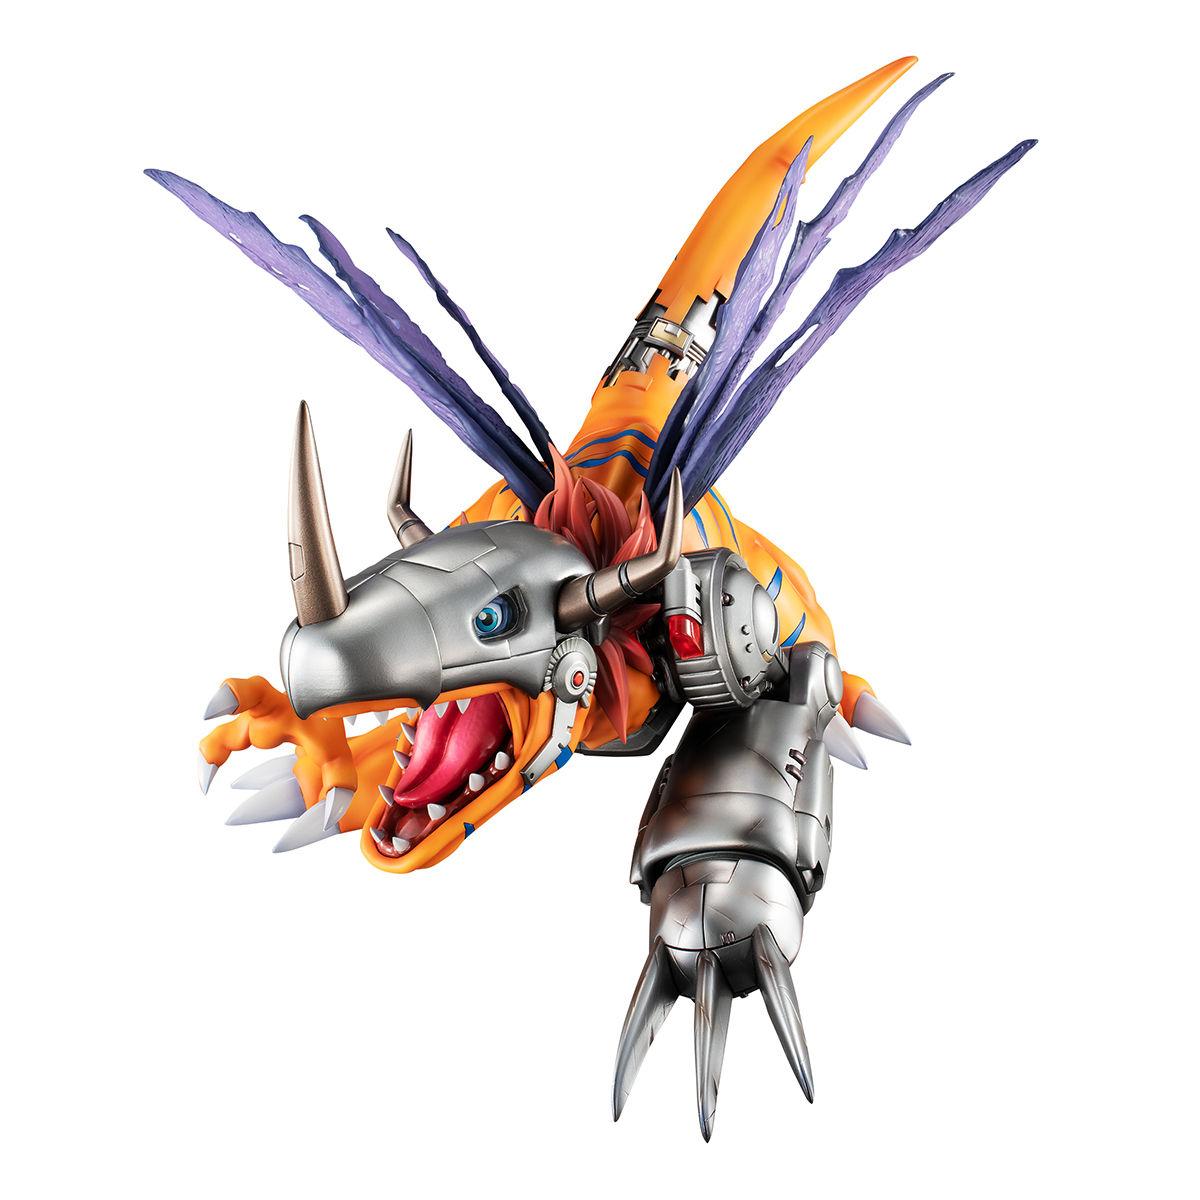 【限定販売】Precious G.E.M.『メタルグレイモン』デジモンアドベンチャー 完成品フィギュア-006